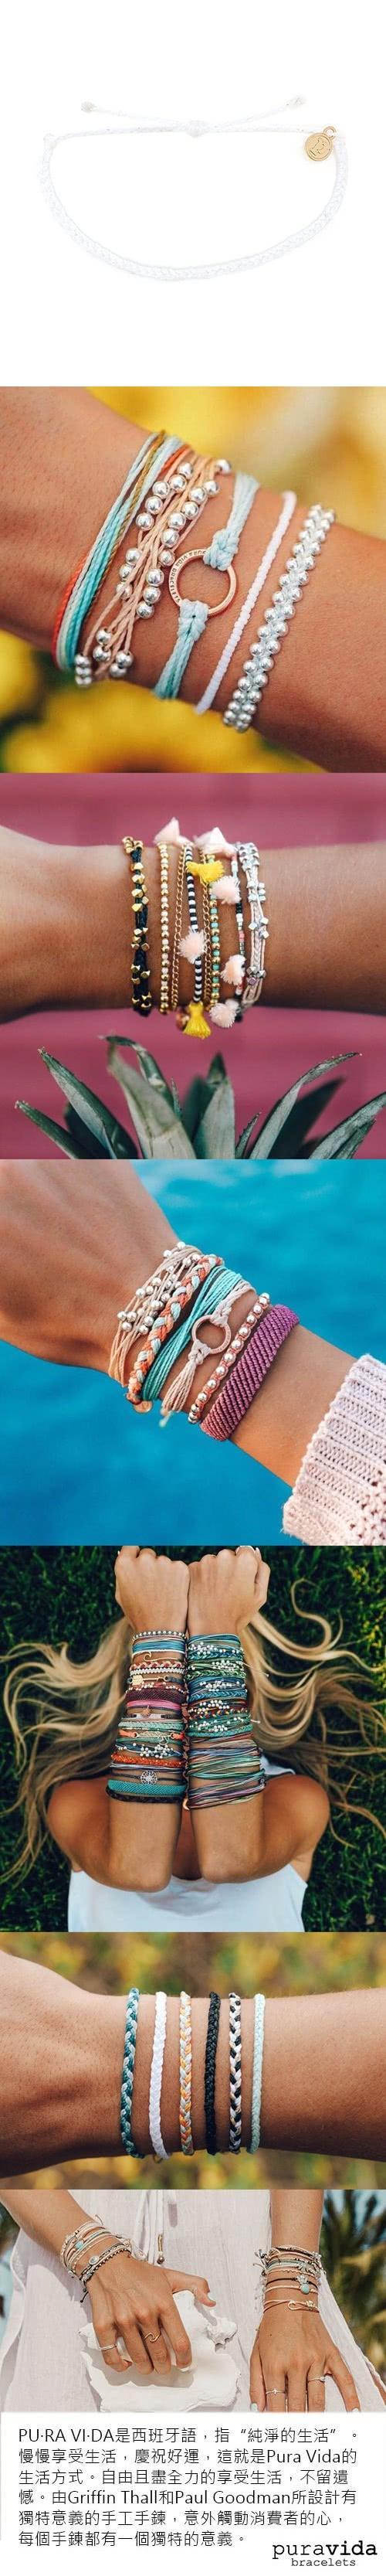 (複製)Pura Vida 美國手工 金色海龜 嫩綠色臘線可調式手鍊衝浪海灘防水手繩